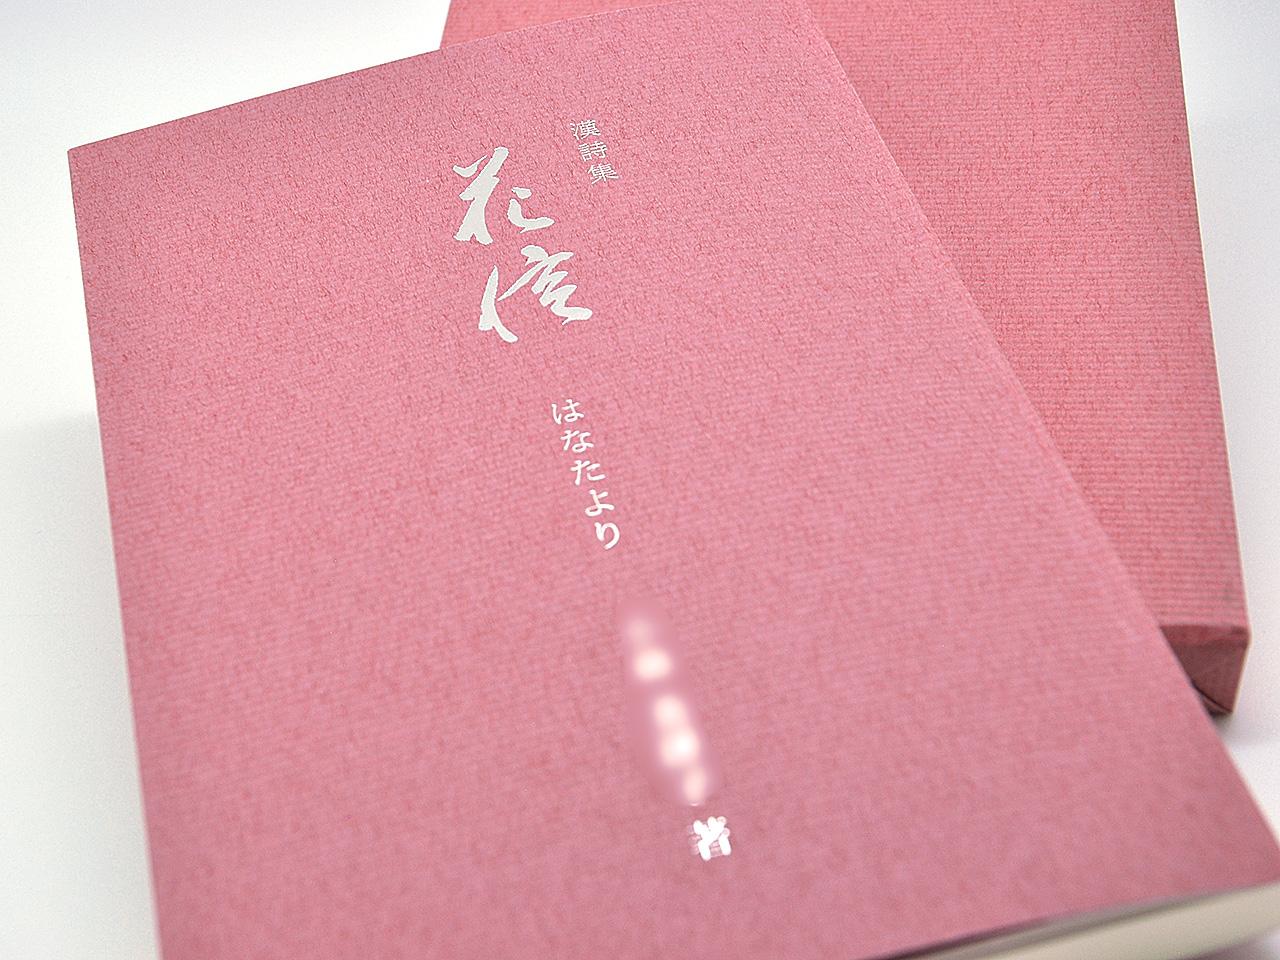 漢詩集「花信」表紙